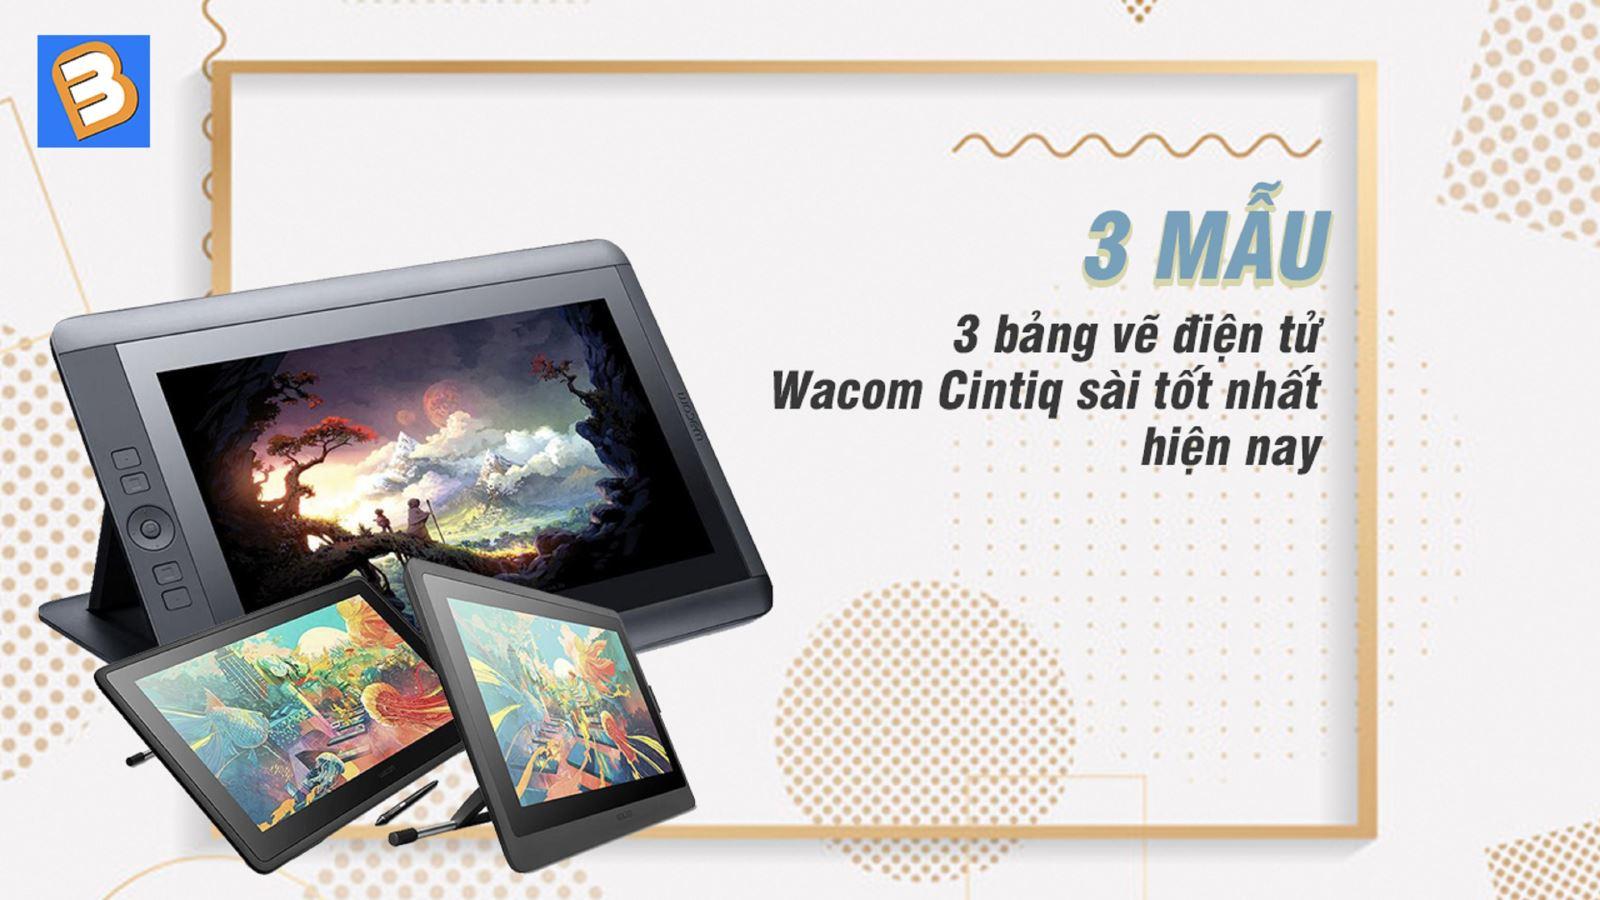 3 mẫu bảng vẽ điện tử Wacom Cintiq sài tốt nhất hiện nay